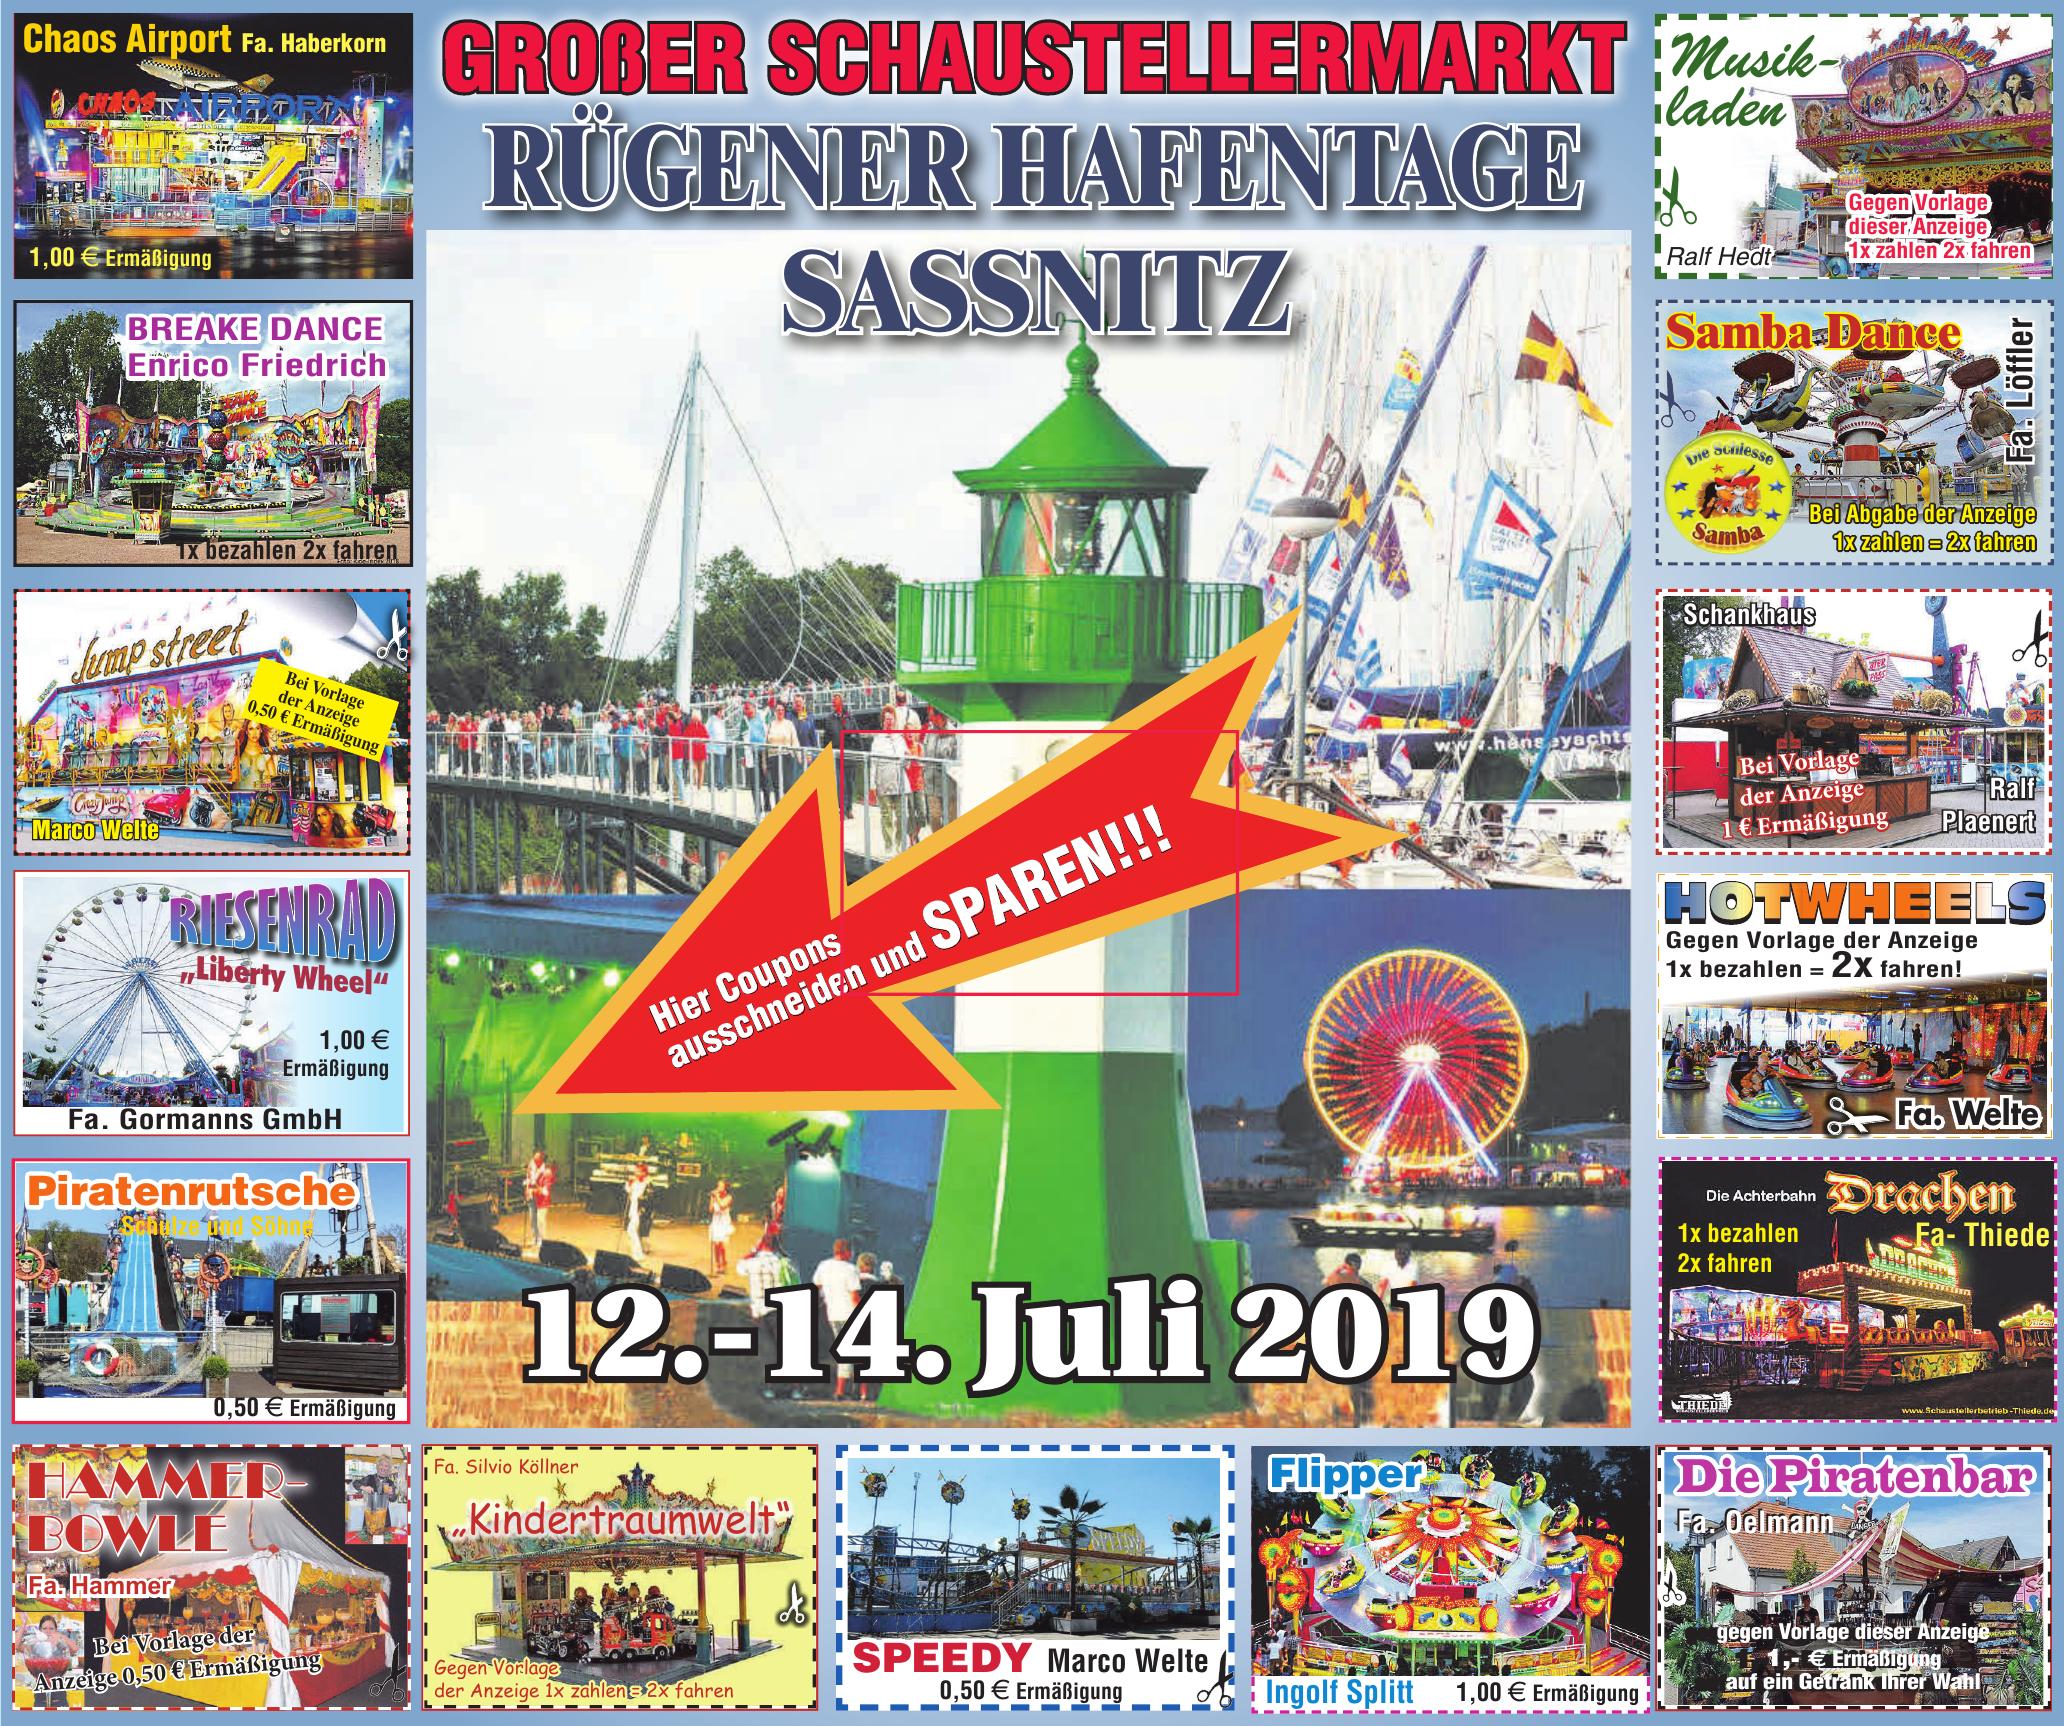 Rügener Hafentage Sassnitz